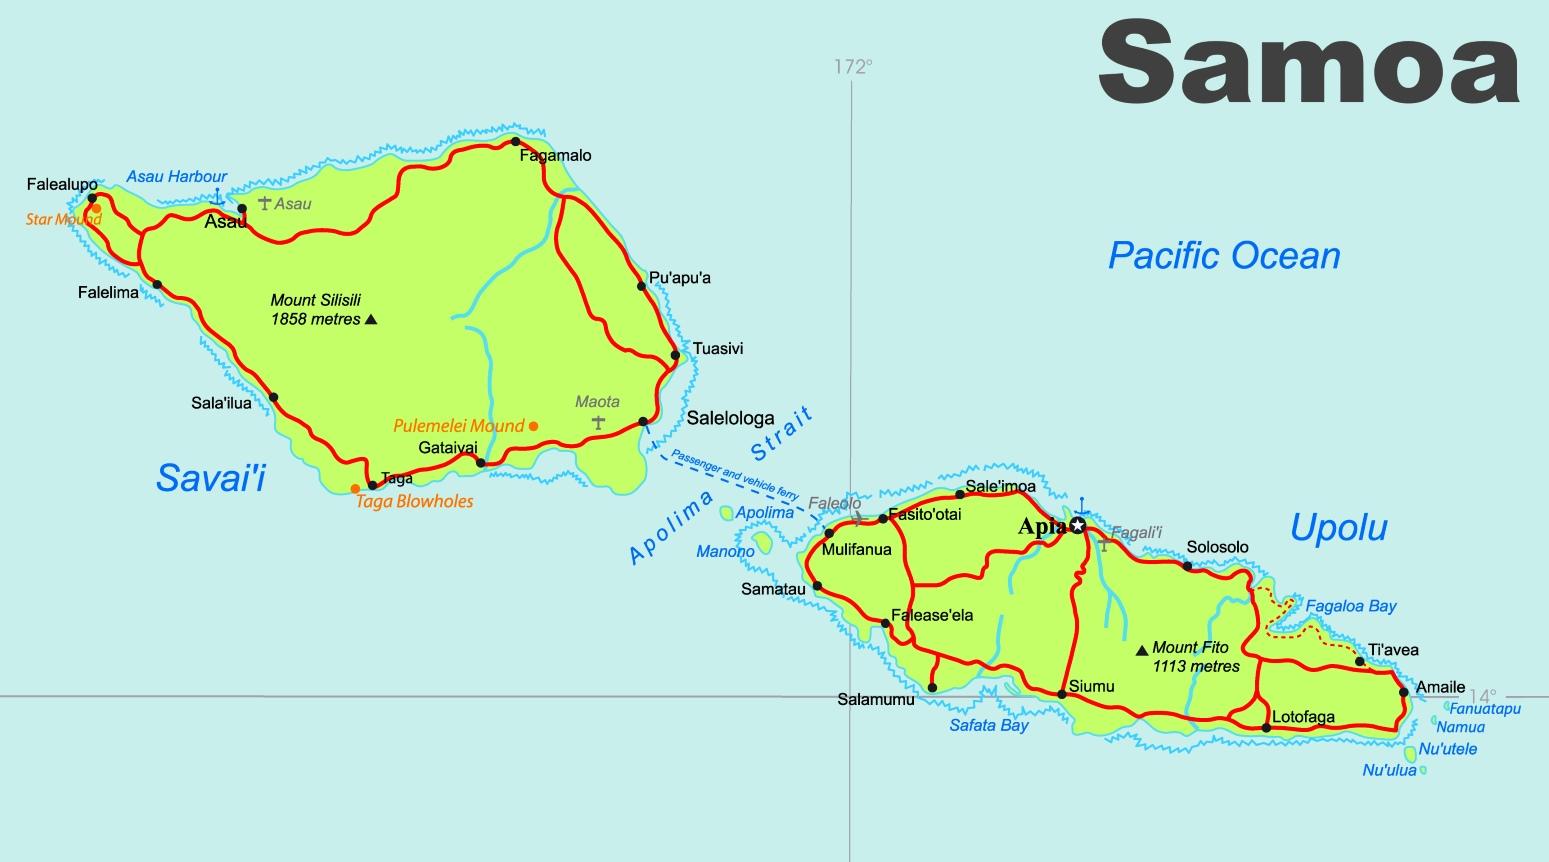 Samoa road map